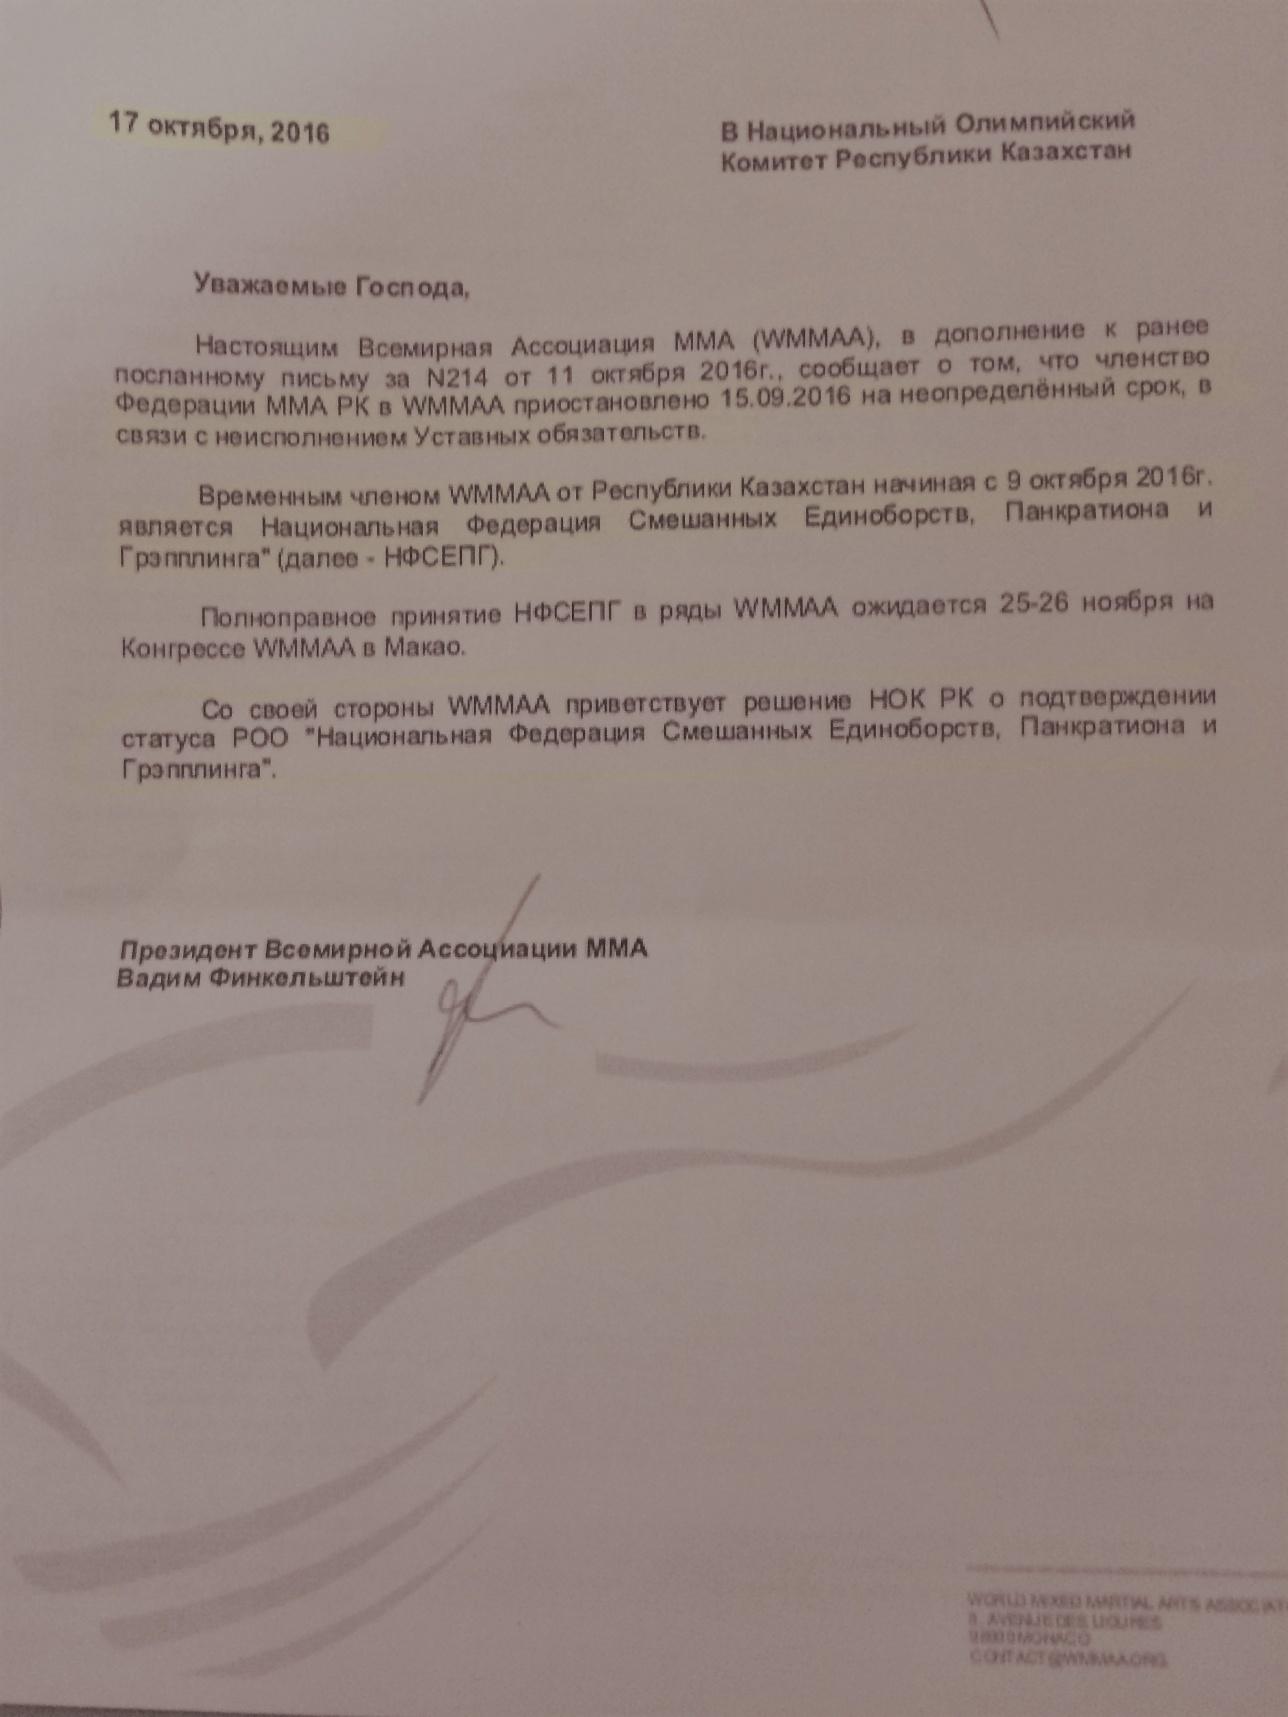 Решение о приостановлении членства федерации ММА в WMMAA